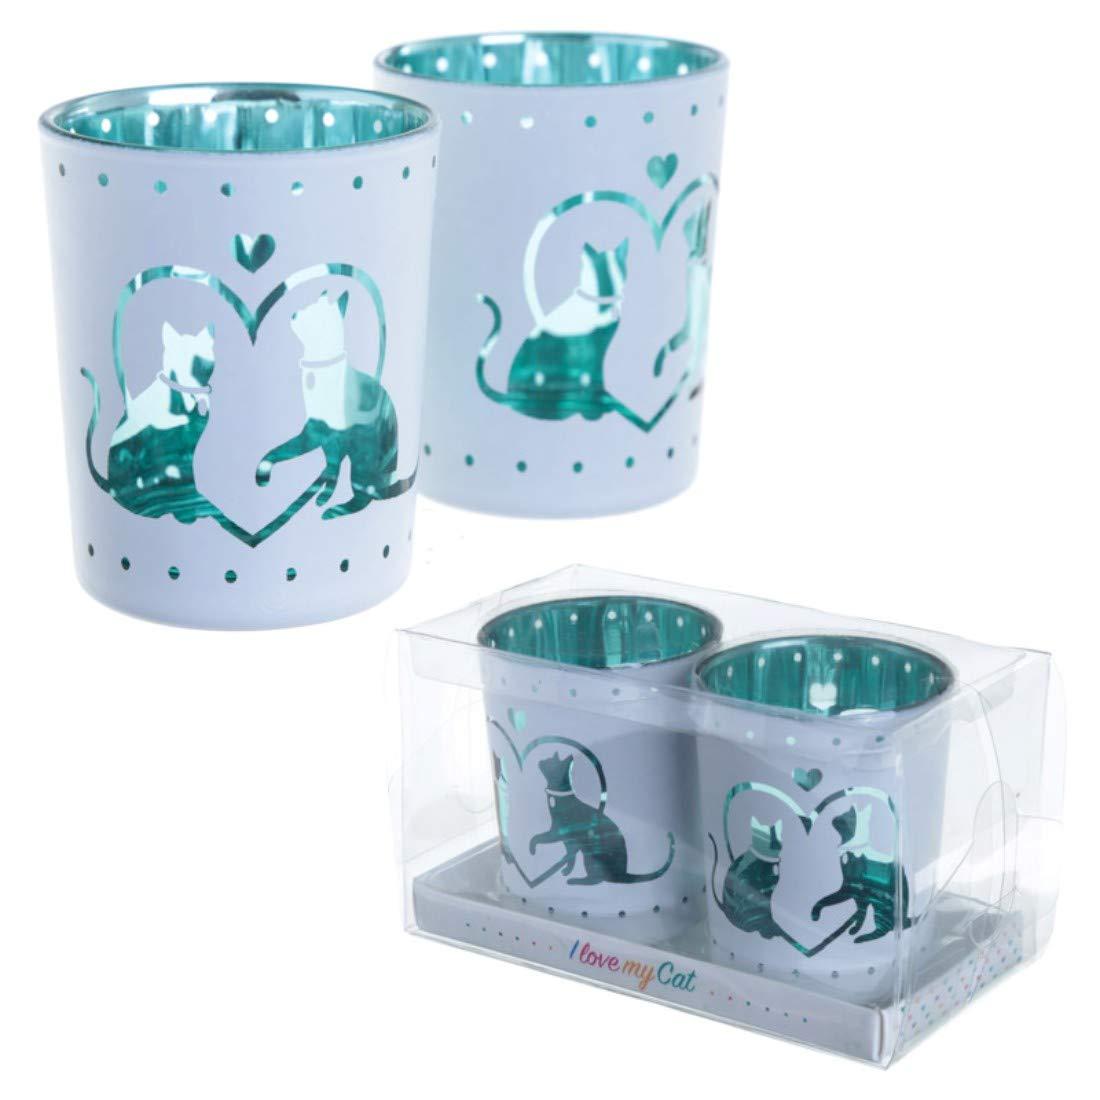 Portacandela in vetro a bicchiere, design con gatti, set da 2 Puckator